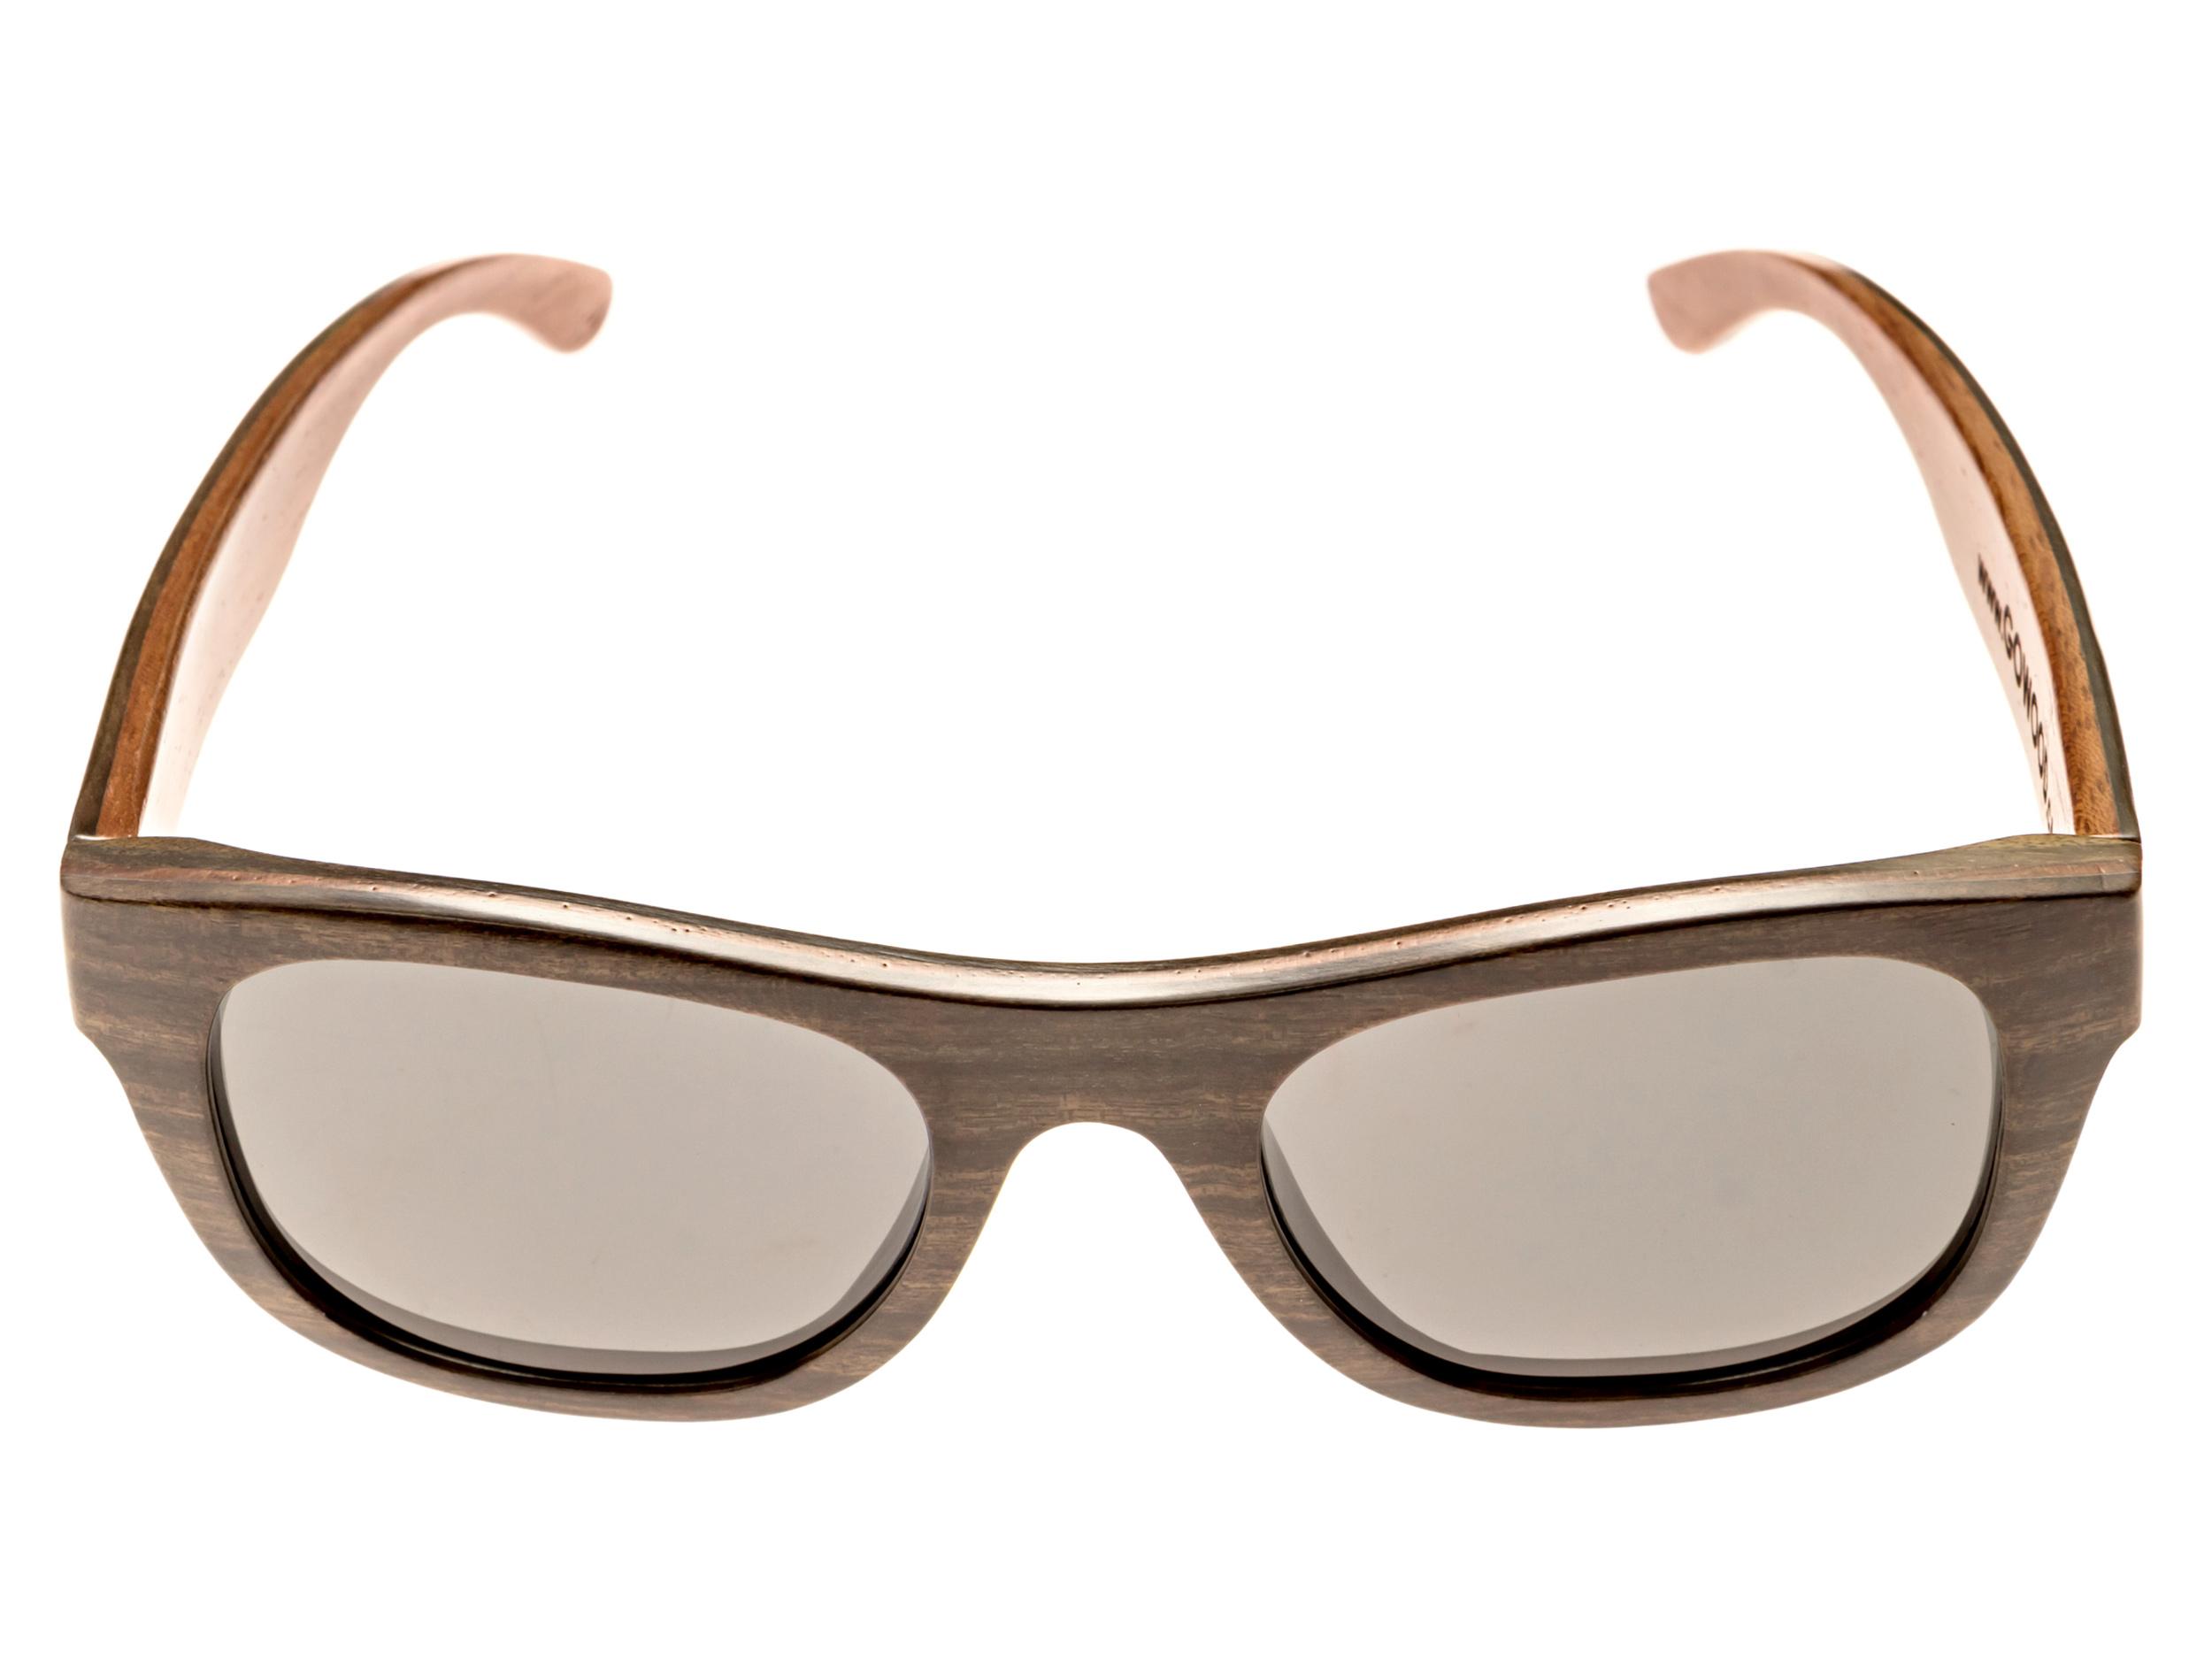 Ebony wood sunglasses New York II - front